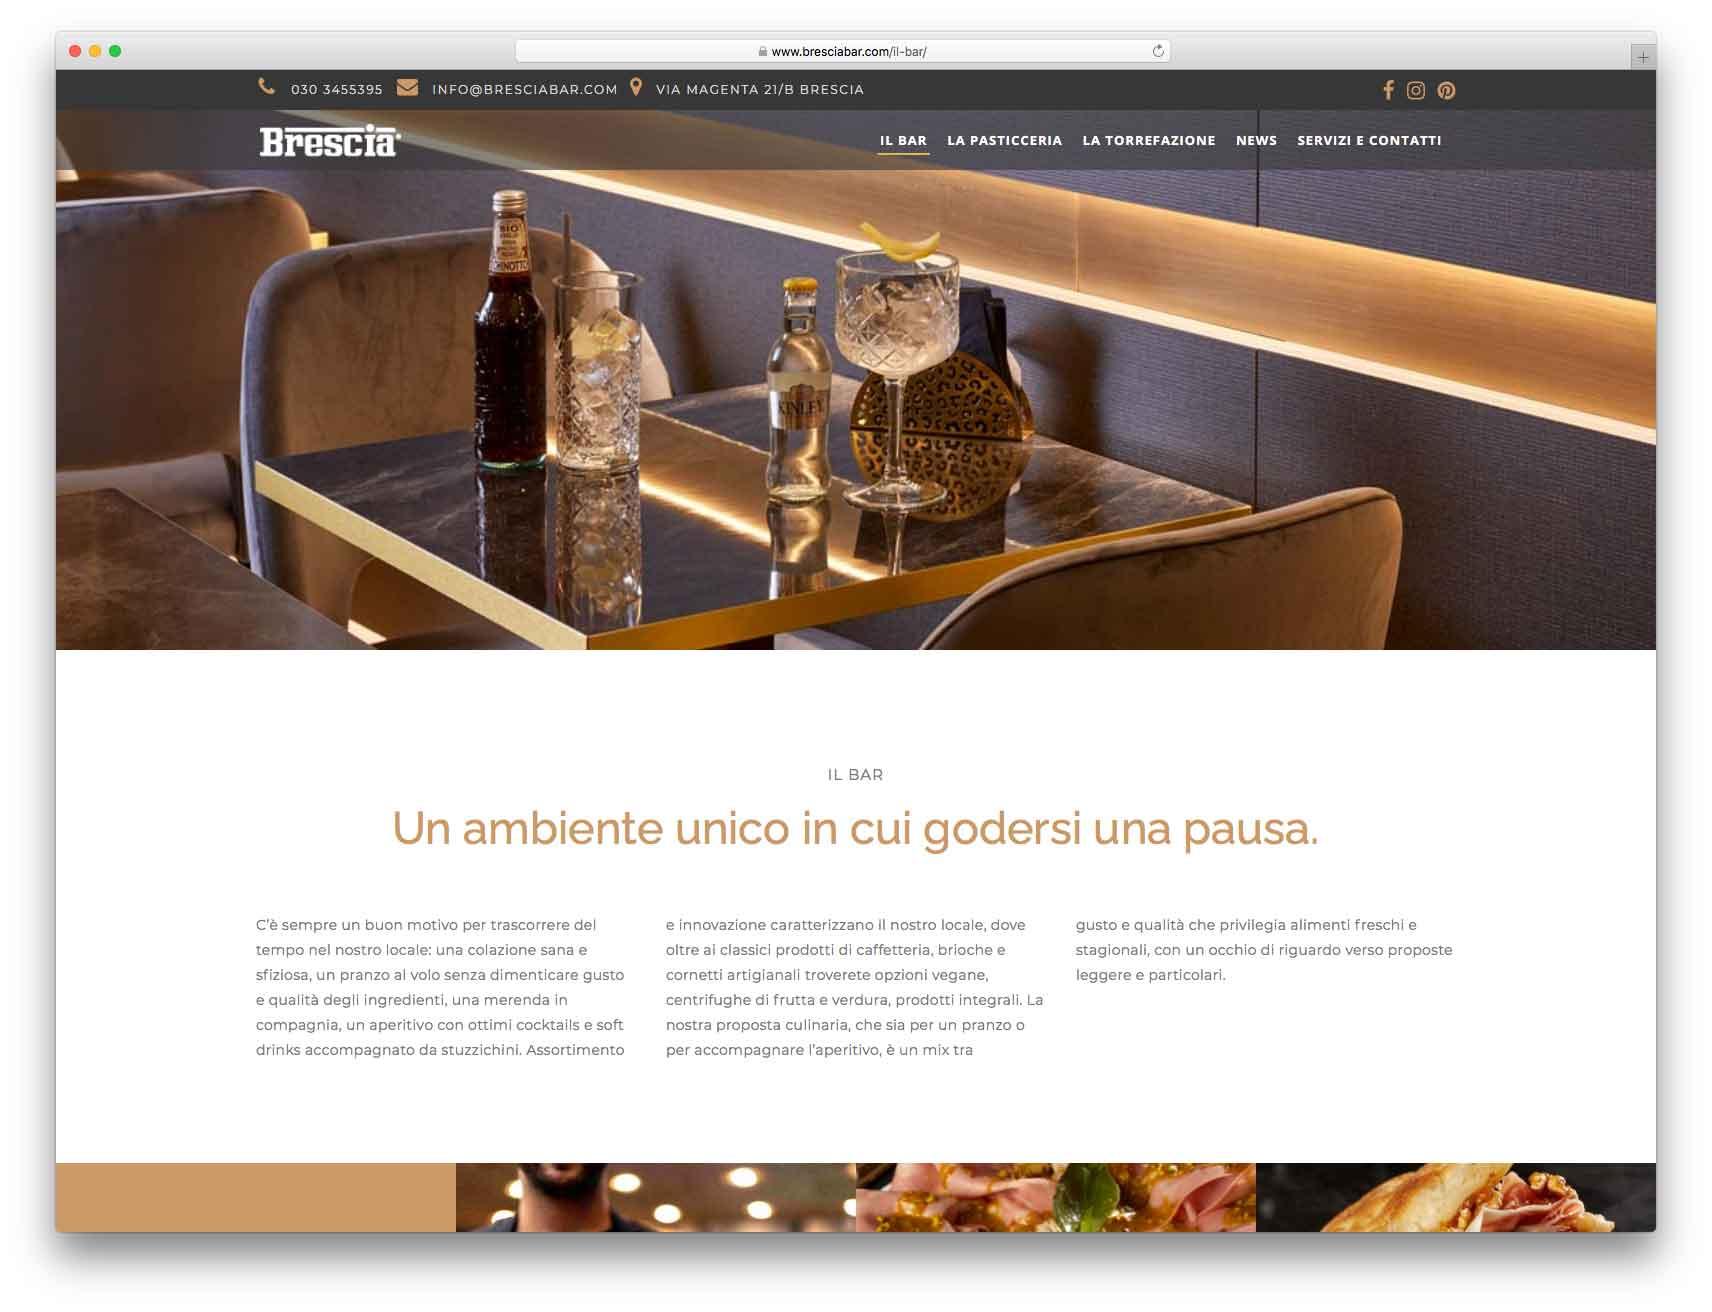 creazione siti web brescia - Agenzia P - sito web Brescia Bar